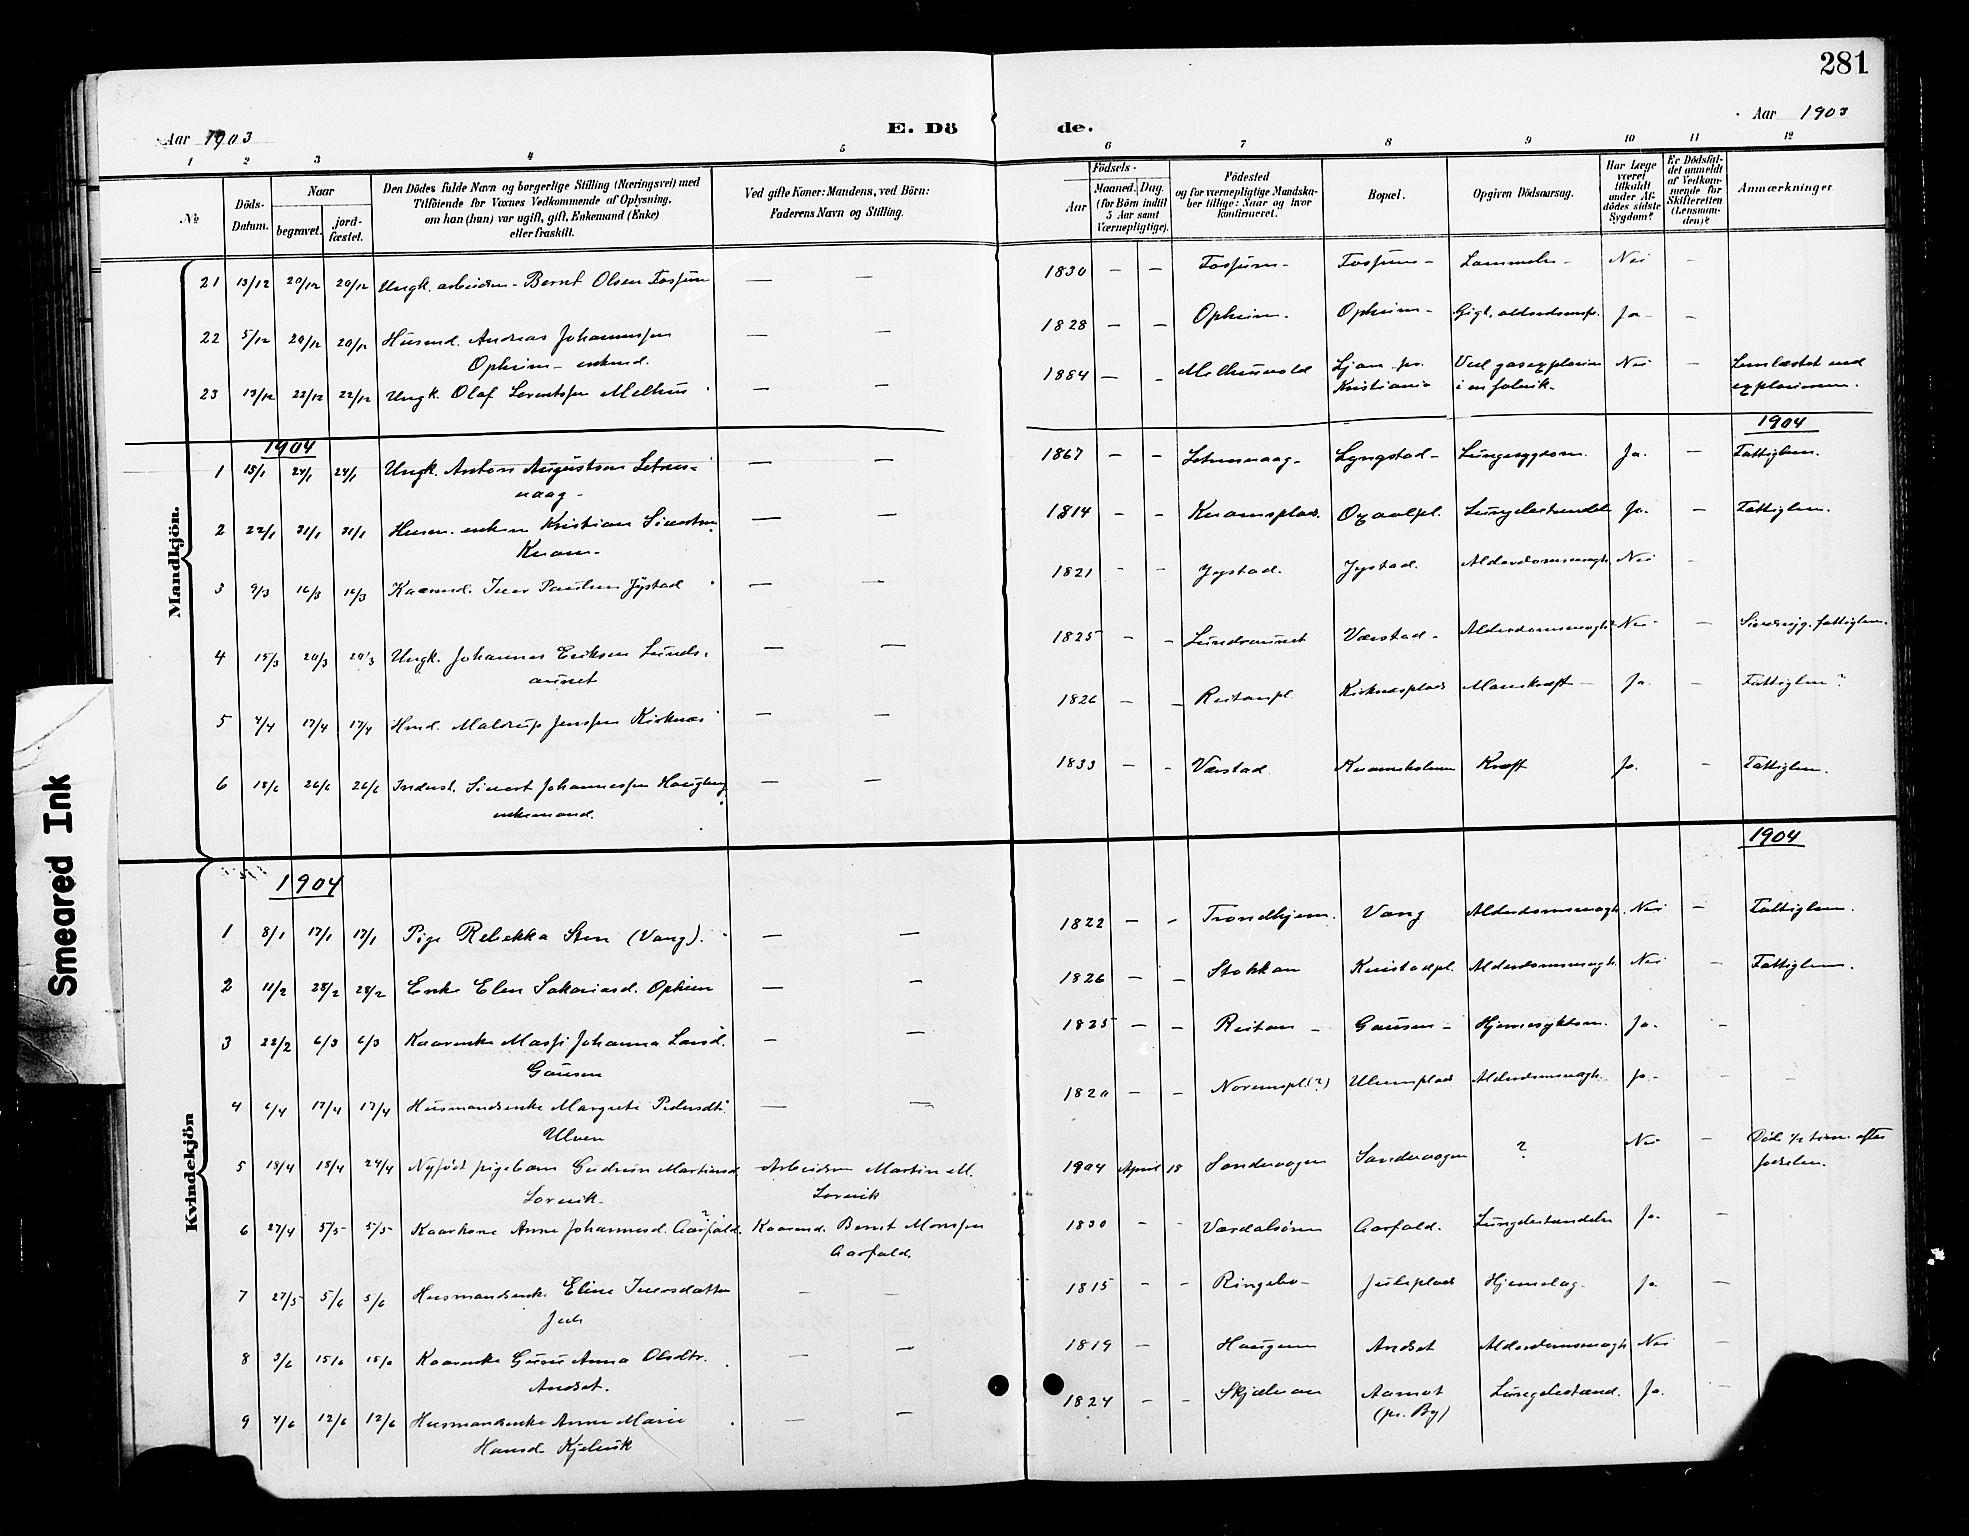 SAT, Ministerialprotokoller, klokkerbøker og fødselsregistre - Nord-Trøndelag, 730/L0302: Klokkerbok nr. 730C05, 1898-1924, s. 281